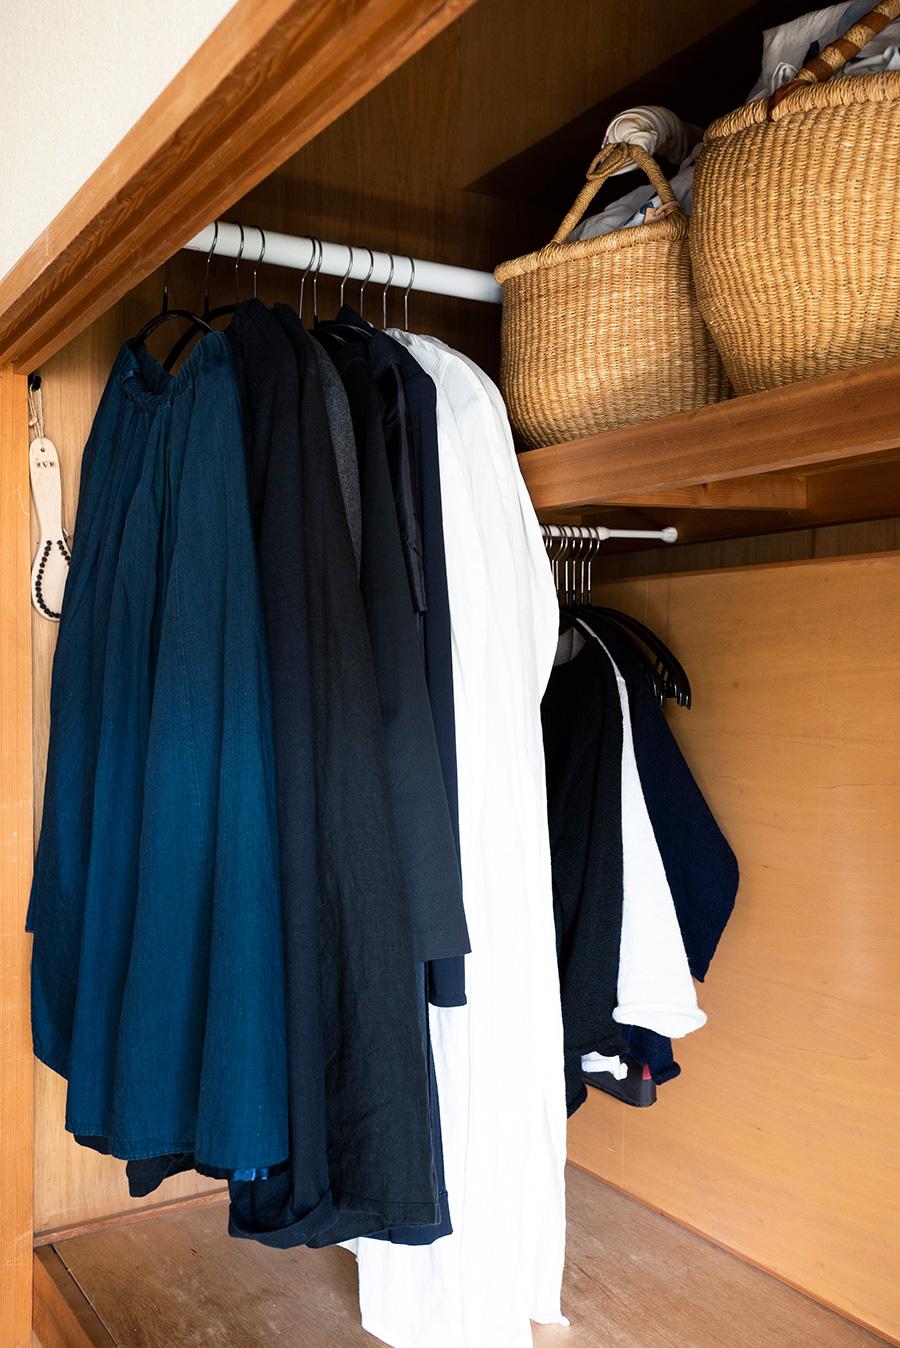 奥行きを利用して突っ張り棒を渡し、洋服かけに。枕棚の下にもさらに1本渡し、小さめのものをかけている。